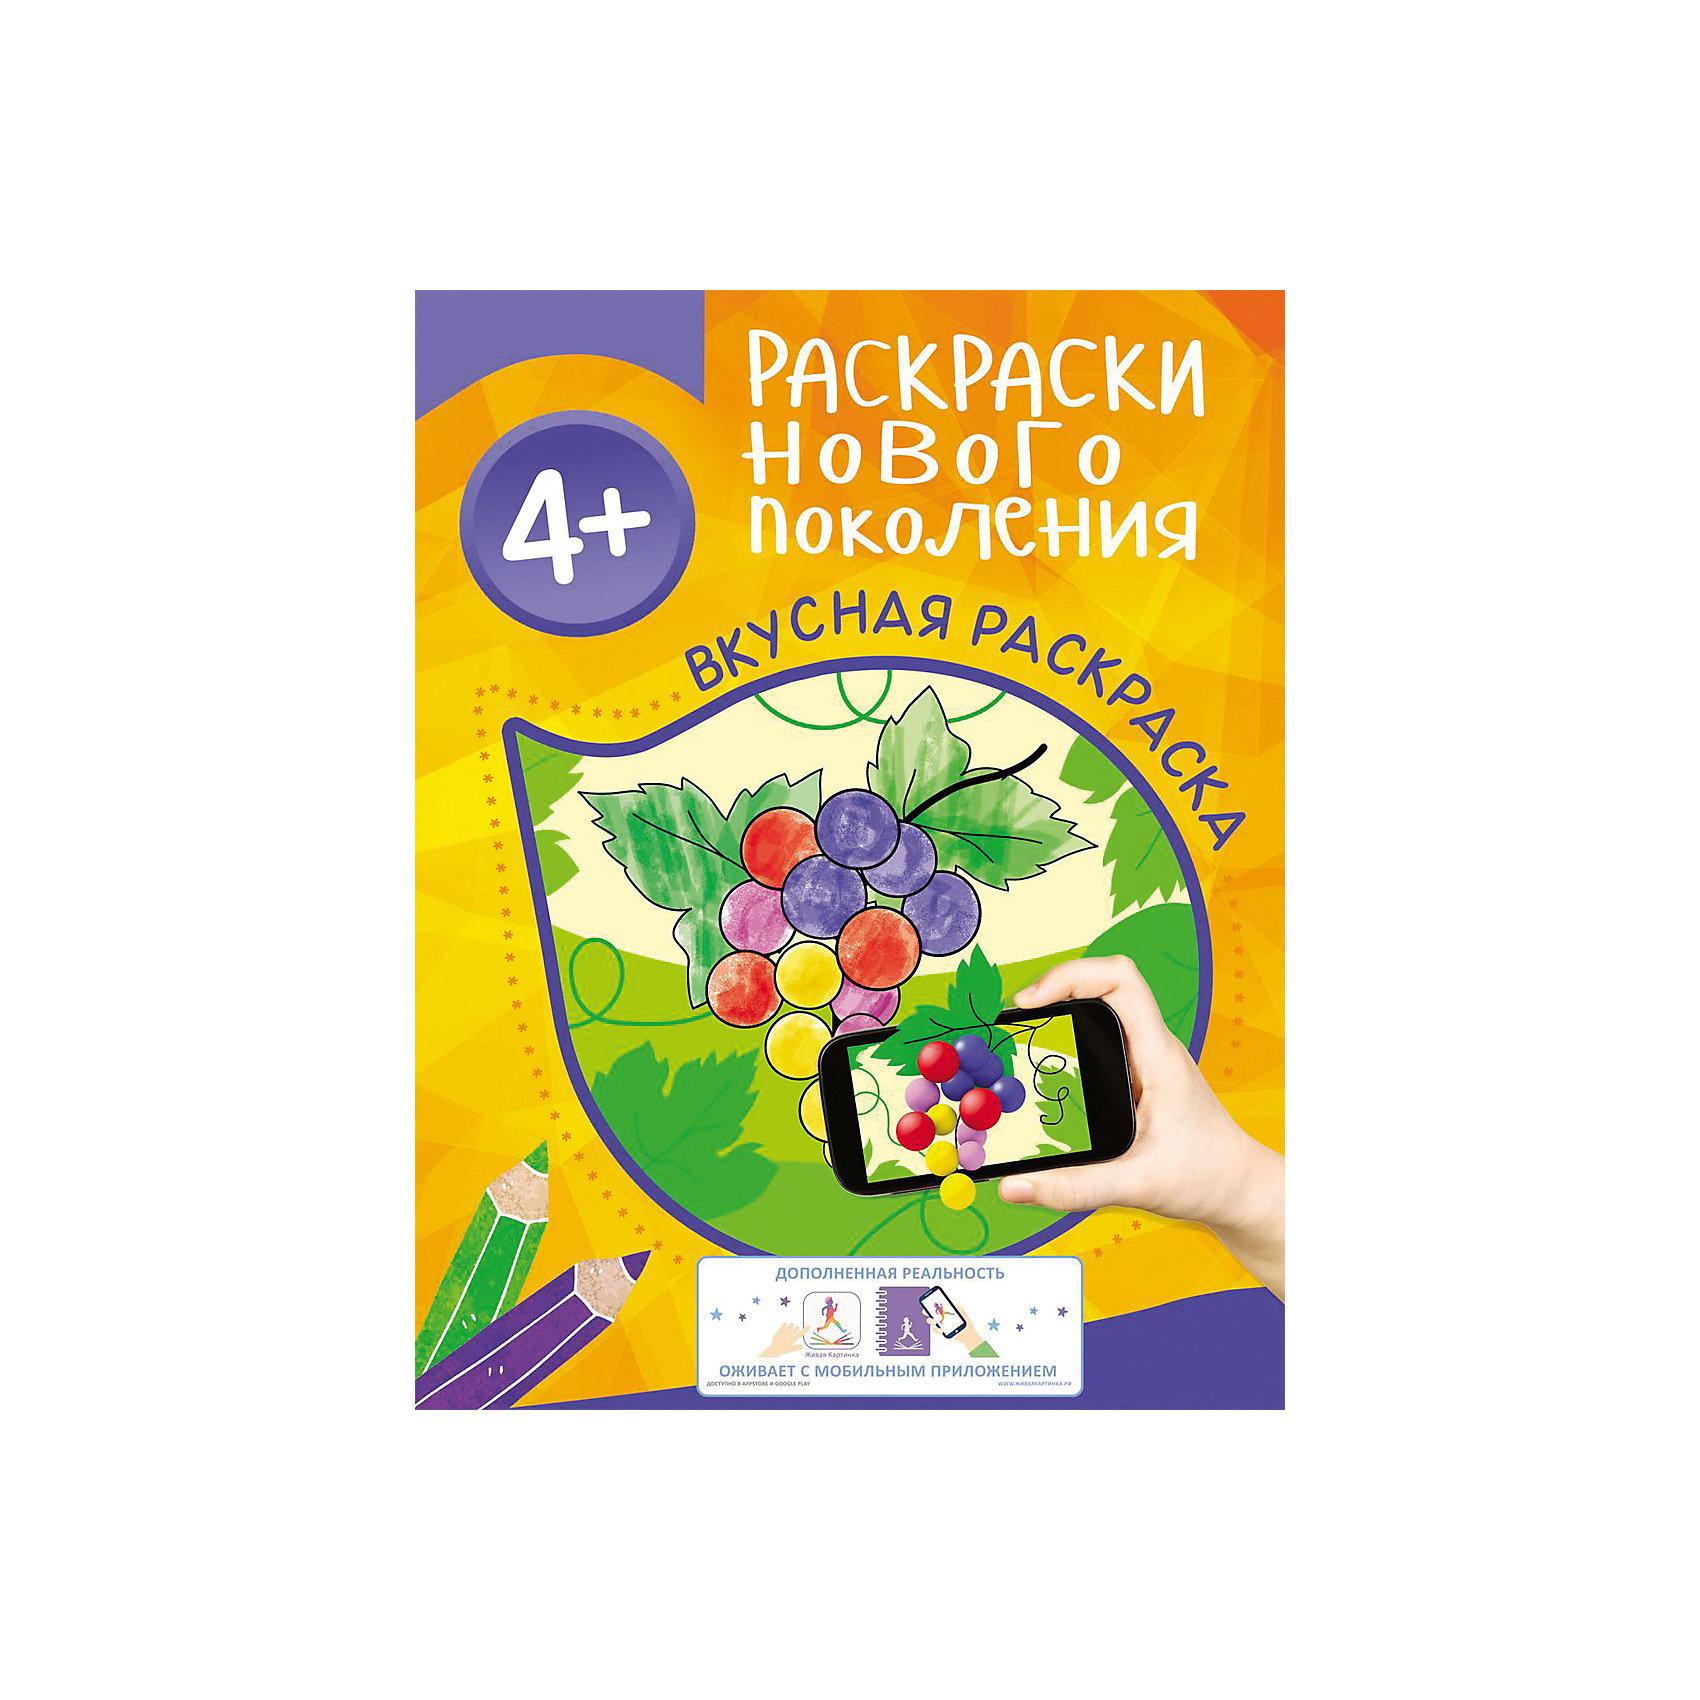 Раскраска Вкусная раскраскаРисование<br>Раскраски нового поколения Вкусная раскраска<br><br>Характеристики:<br><br>• ISBN: 9785353081845<br>• Формат: а4<br>• Количество страниц: 16<br>• Обложка: мягкая<br><br>Эта супер-современная раскраска используется вместе с приложением Живая картинка из AppleStore или GooglePlay. Для работы необходимо запустить приложение и навести на обложу, а затем следовать появившейся инструкции. Само приложение полностью бесплатное, а с его помощью ваш ребенок сможет оживить раскрашенные им картинки и услышать стихотворения.<br><br>Раскраски нового поколения Вкусная раскраска можно купить в нашем интернет-магазине.<br><br>Ширина мм: 275<br>Глубина мм: 213<br>Высота мм: 30<br>Вес г: 85<br>Возраст от месяцев: 36<br>Возраст до месяцев: 2147483647<br>Пол: Унисекс<br>Возраст: Детский<br>SKU: 5507142